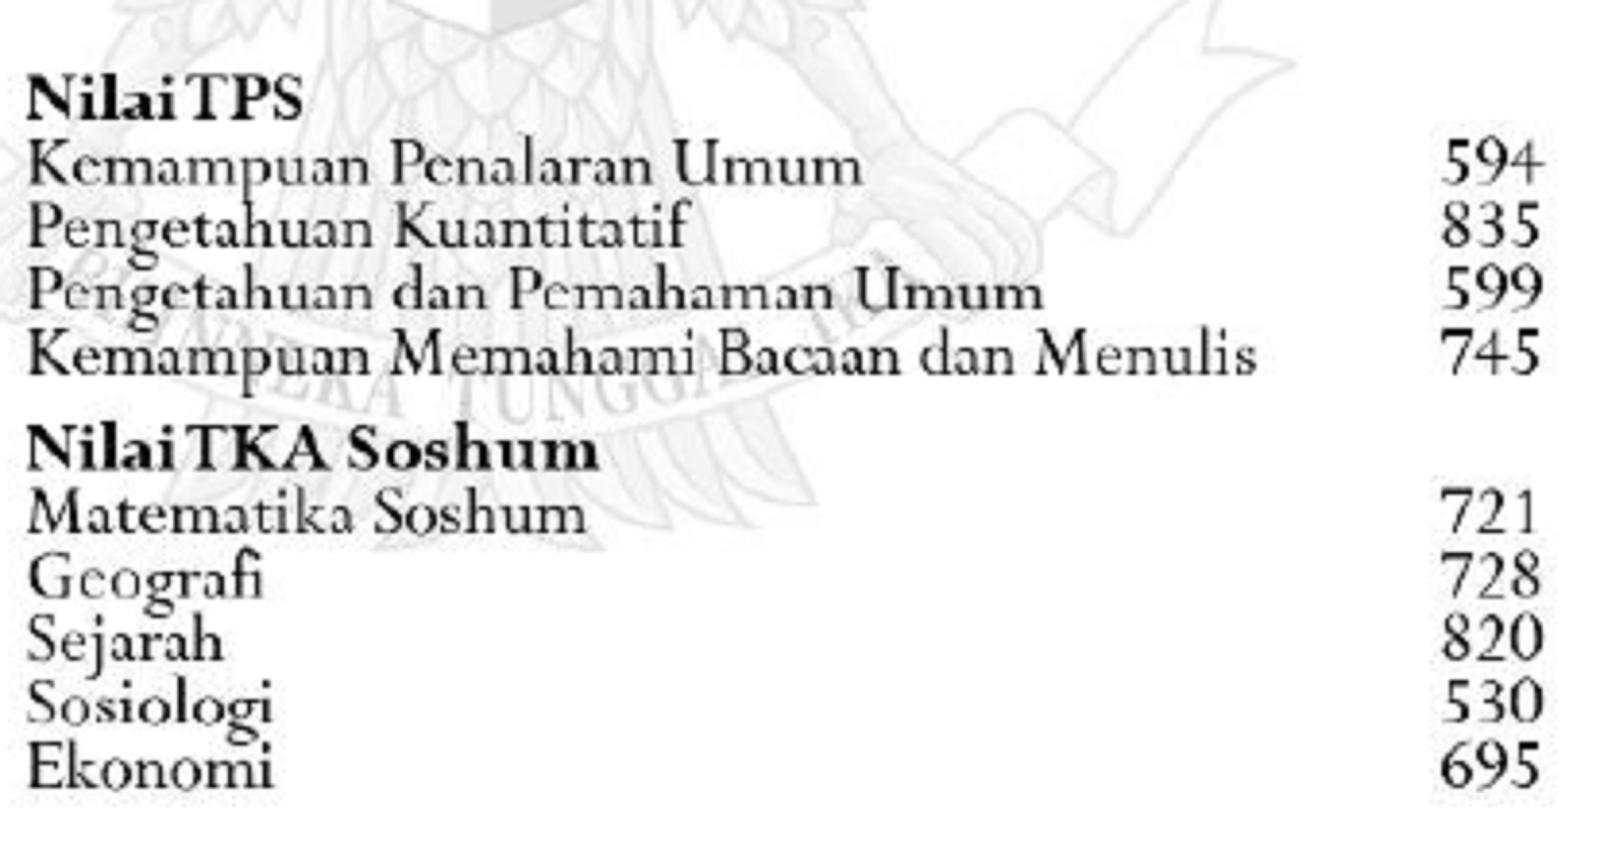 Seberapa Sulitkah Lolos UTBK/SBMPTN ke Universitas Ternama dan Jurusan Yang Paling Diminati? dan/atau Seberapa Sulitkah Mendapat Skor UTBK 660?